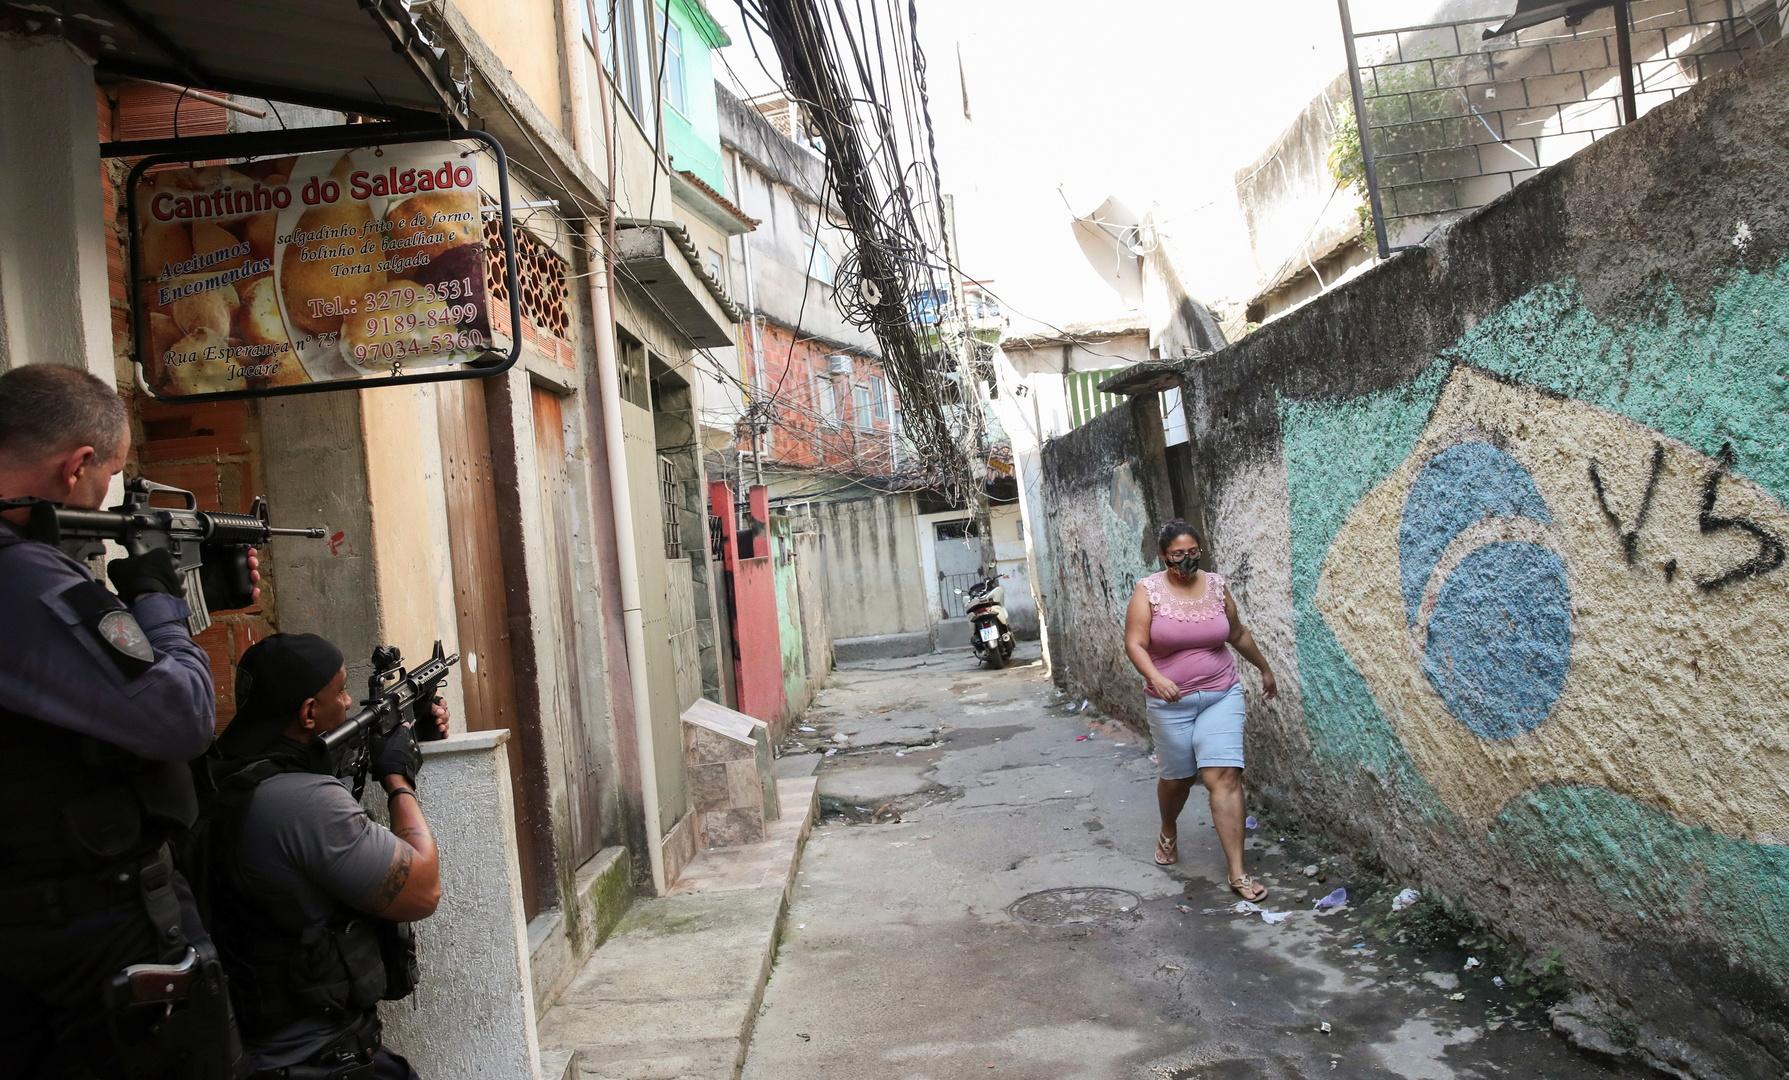 الأمم المتحدة تطالب بتحقيق مستقل بعد عملية شرطية دموية في البرازيل